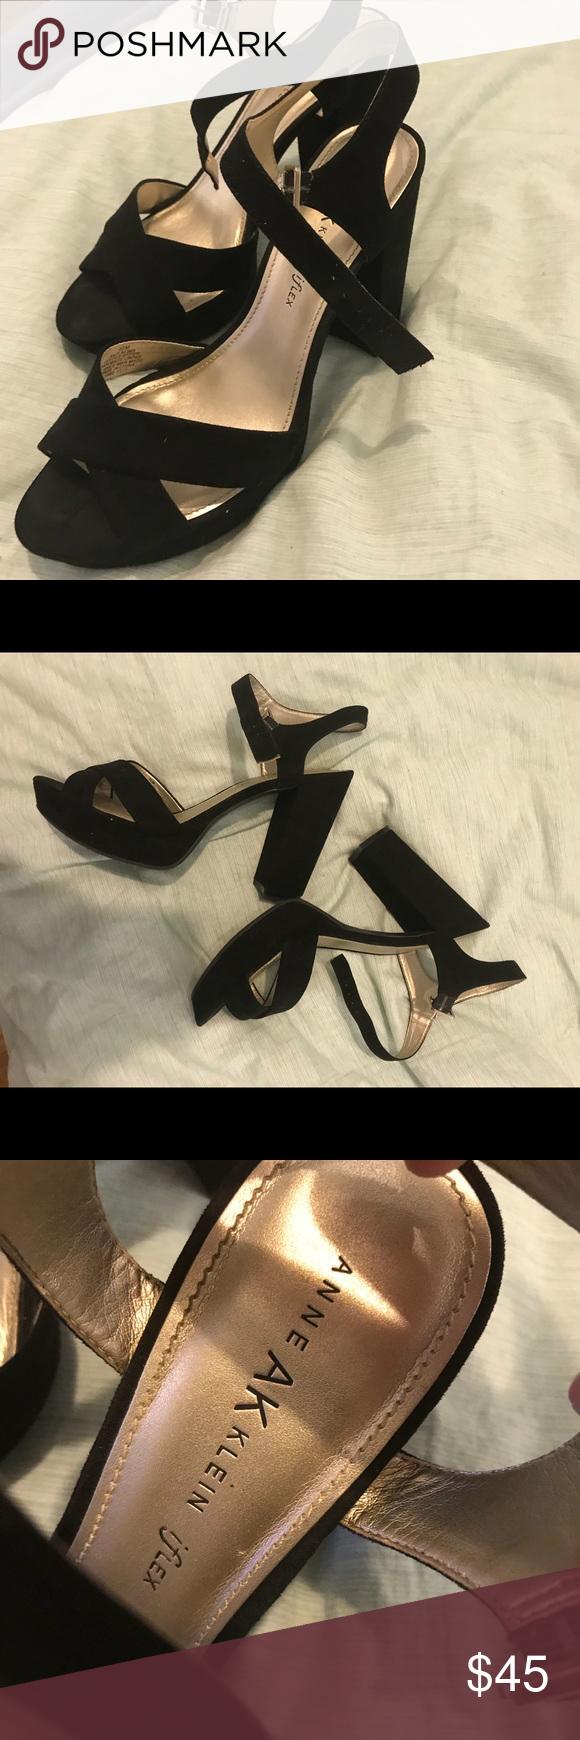 Platform heels, Anne klein shoes